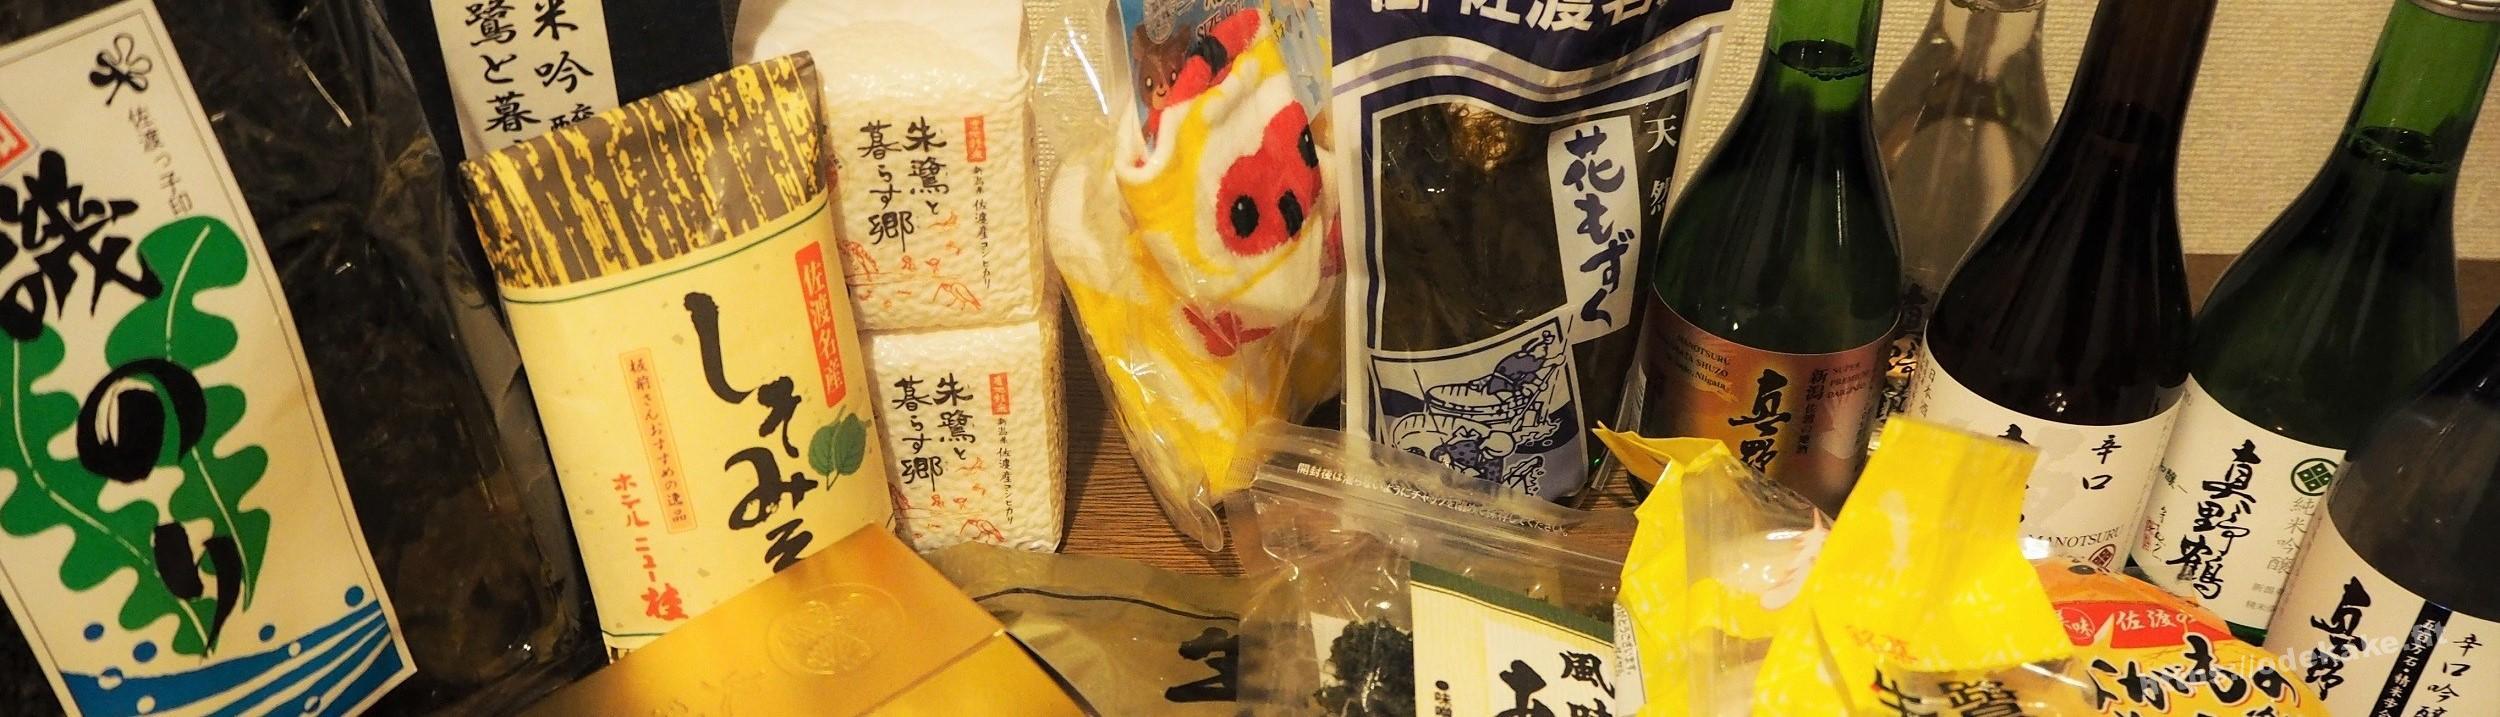 【佐渡】私が買った佐渡のお土産を紹介するよ❤お米が最強説!